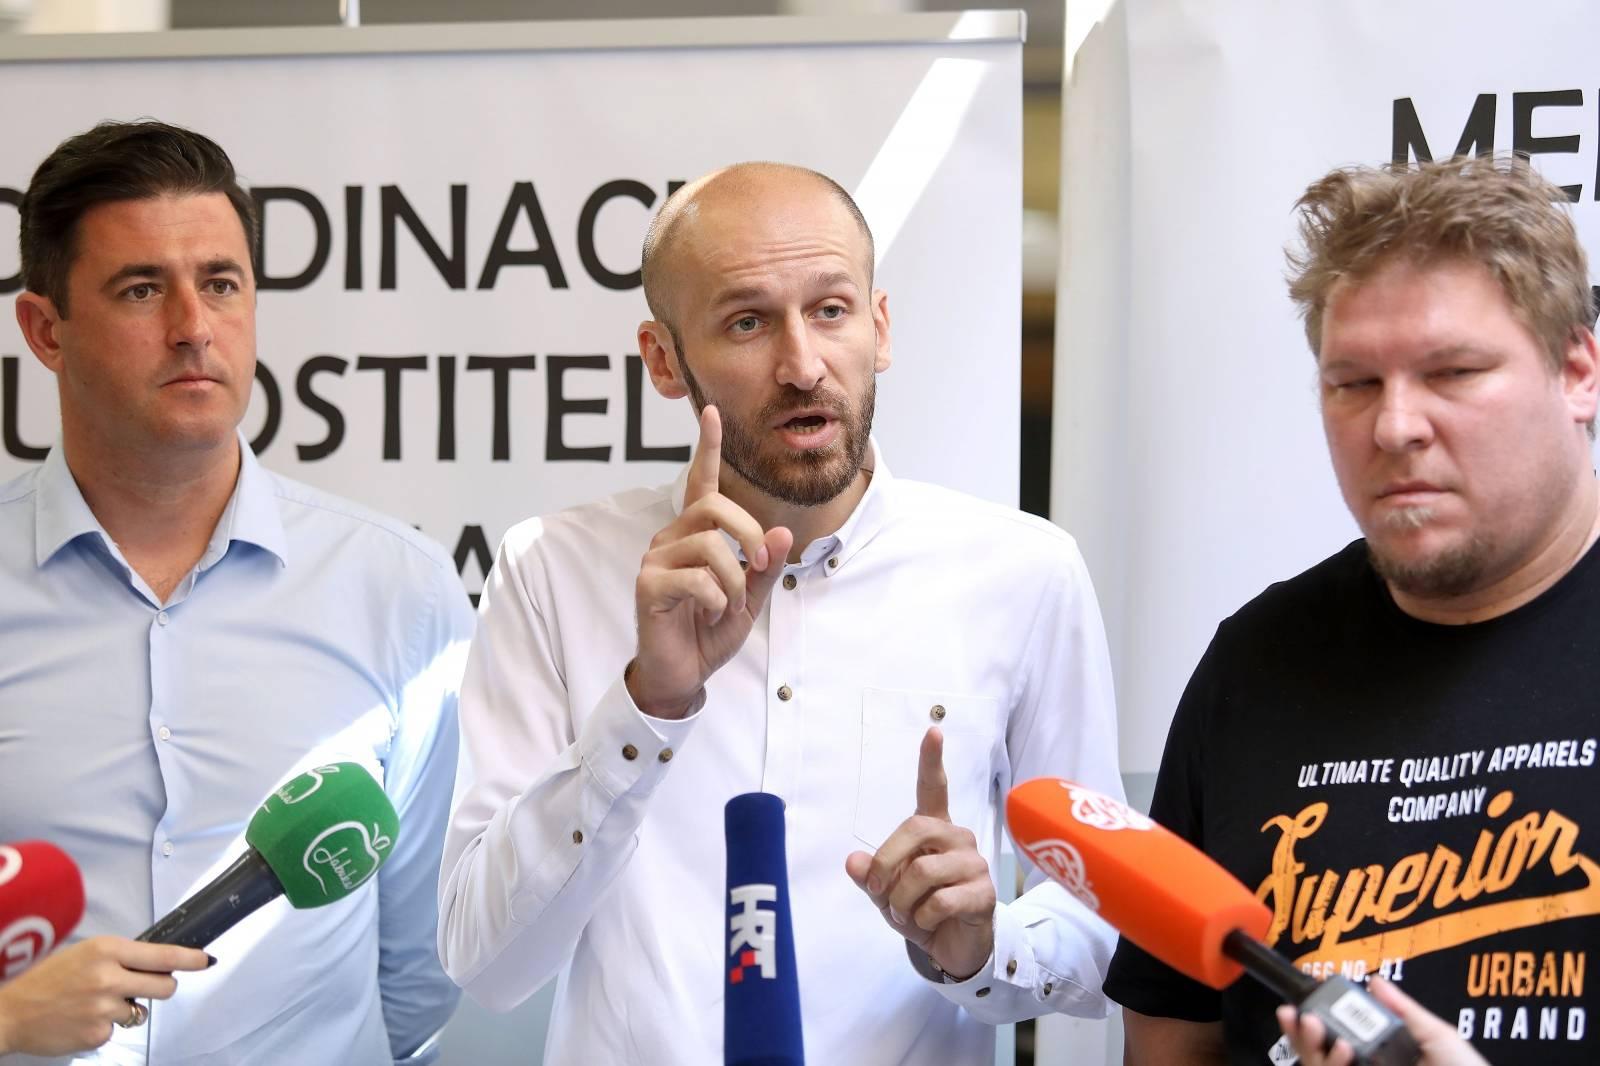 Zagreb: Koordinacija ugostitelja predstavila zahtjeve koje će uputiti Vladi